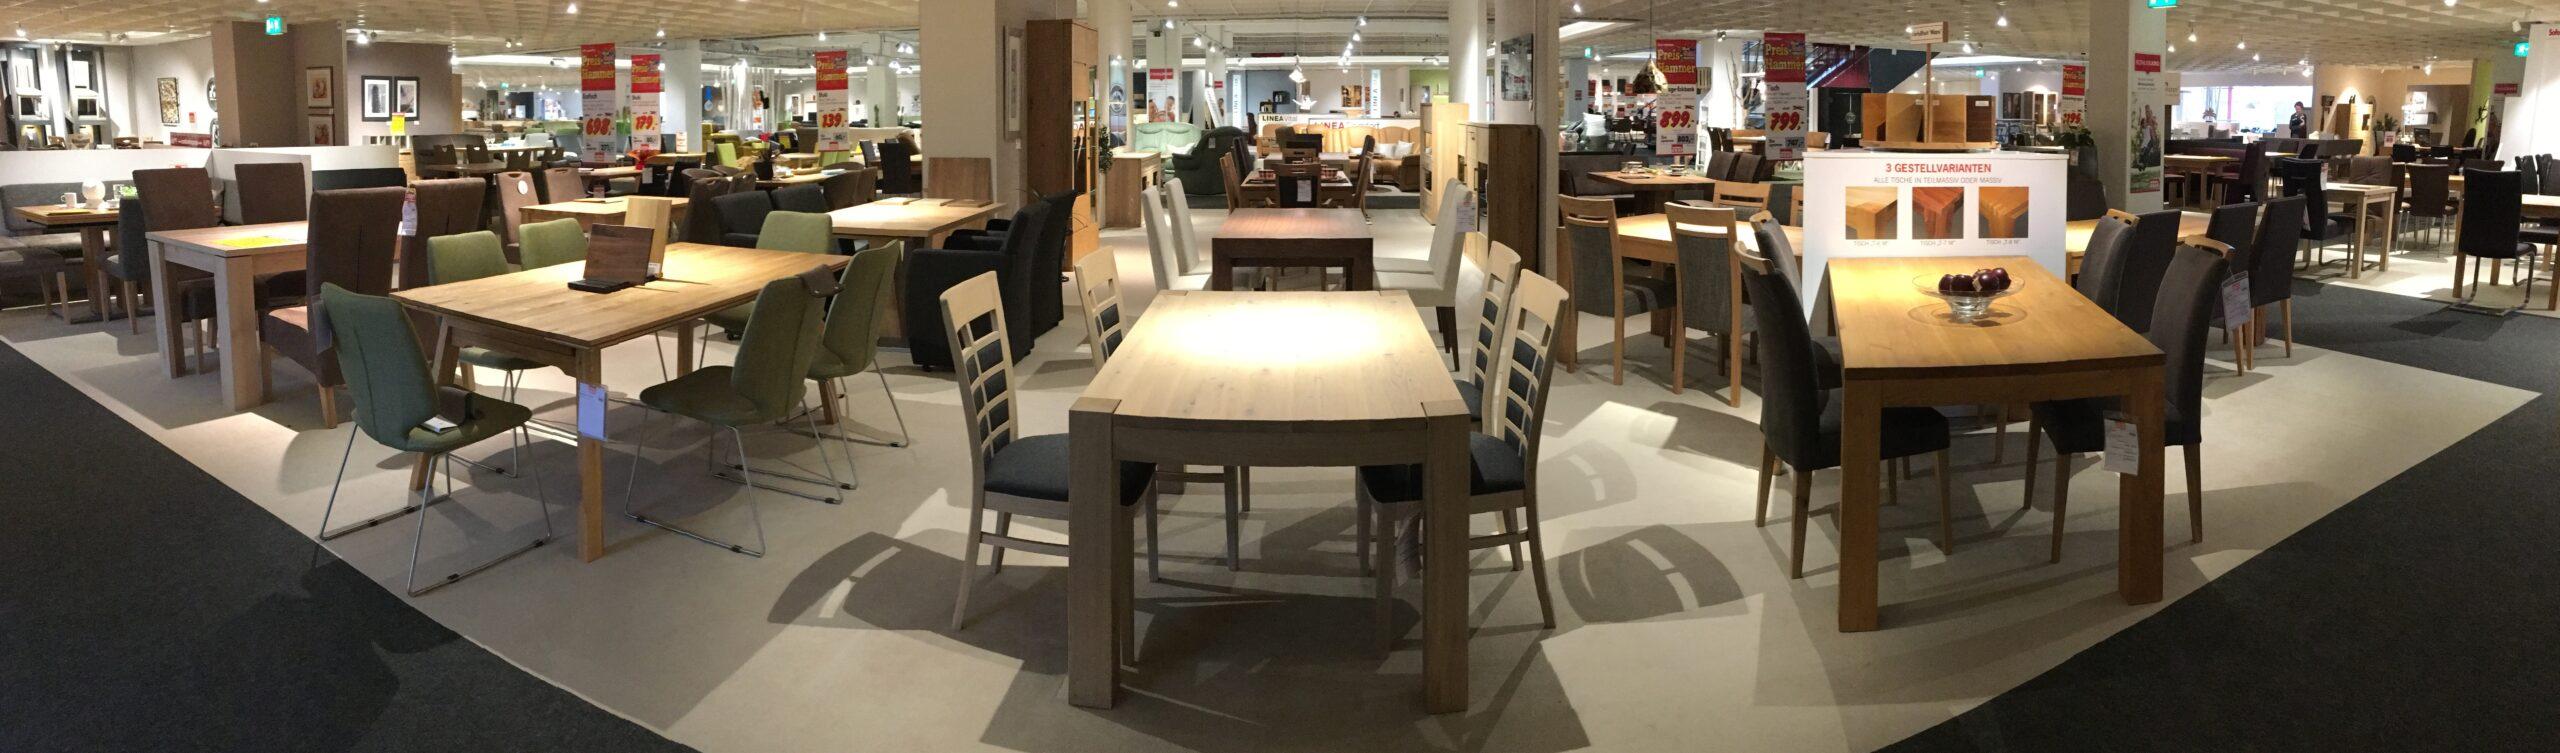 Full Size of Esstische Rund Massiv Massivholz Kleine Designer Ausziehbar Holz Design Runde Esstische Esstische